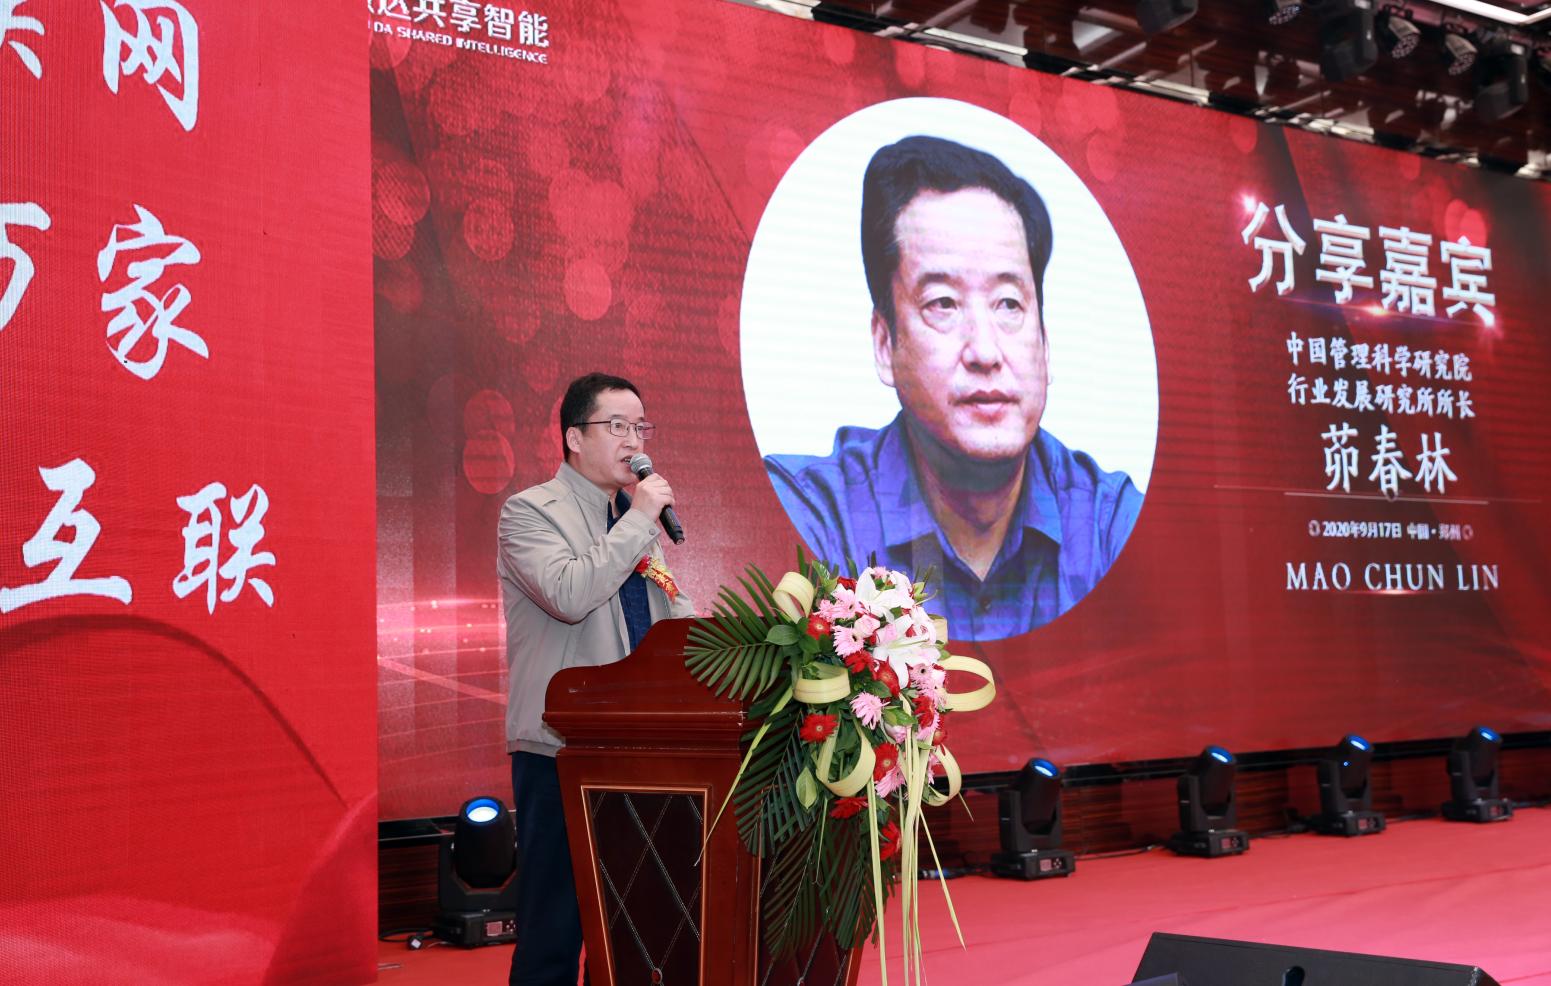 5G家联网人工智能+财富论坛暨微达十大孝贤颁奖盛典圆满成功!